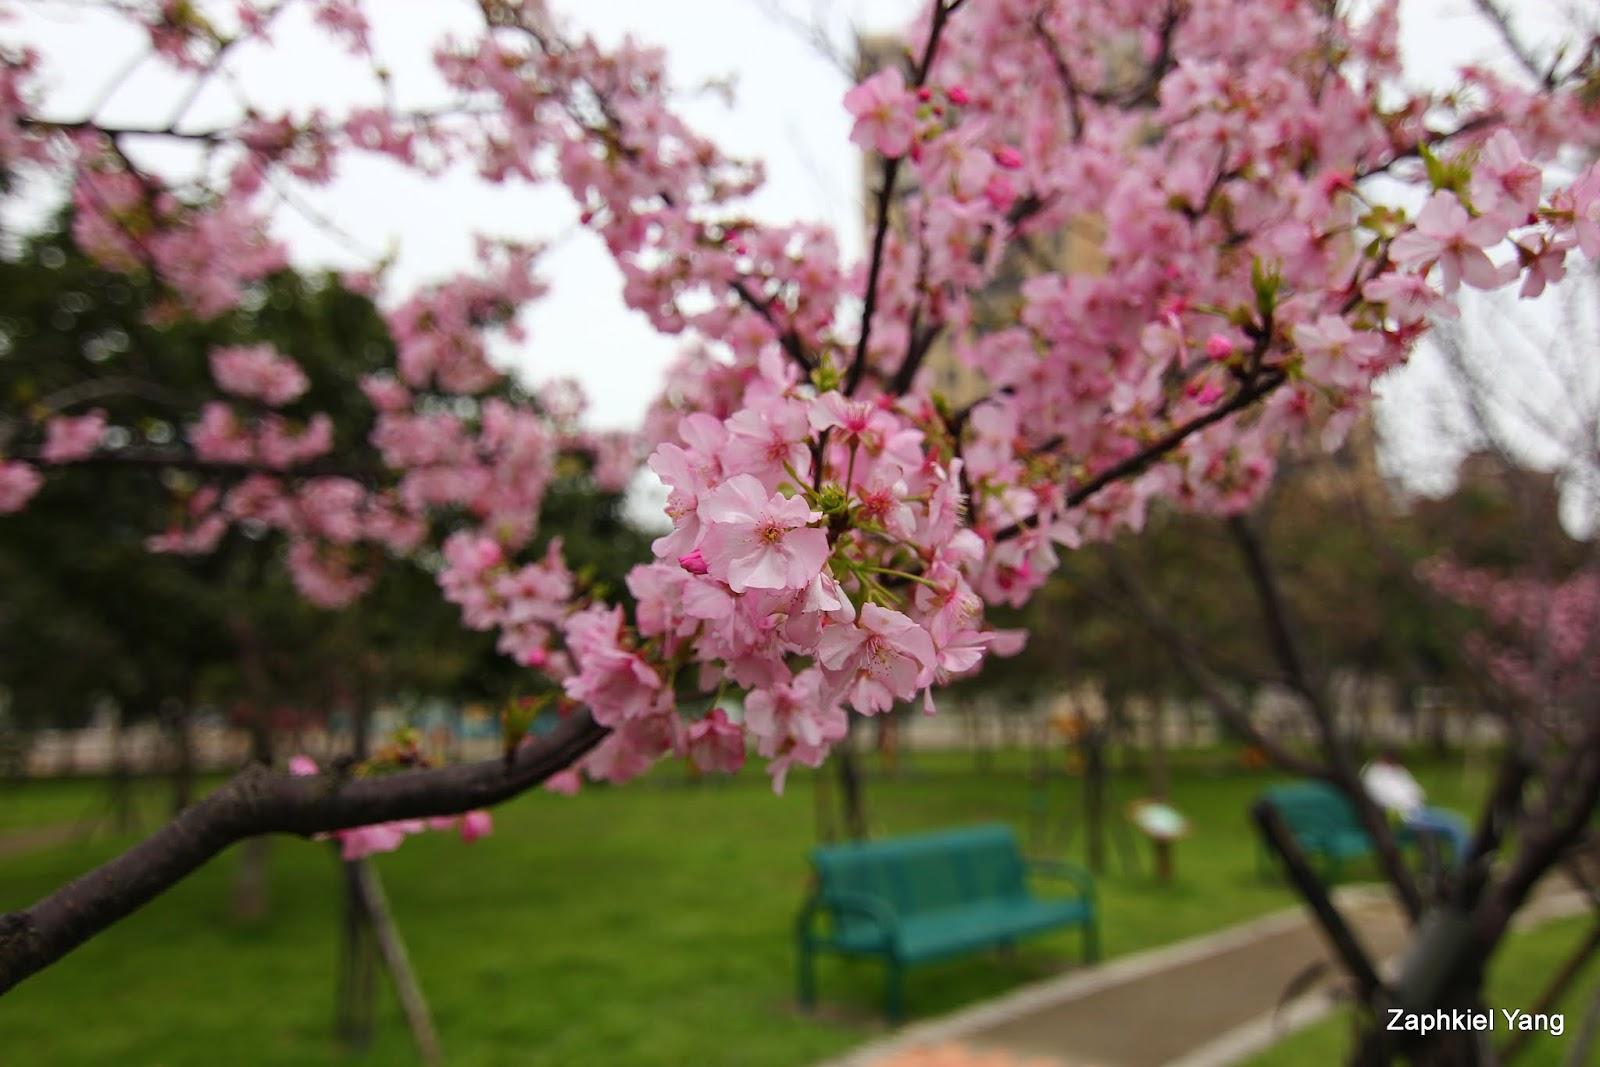 【新竹 東區】櫻花盛開的麗池公園